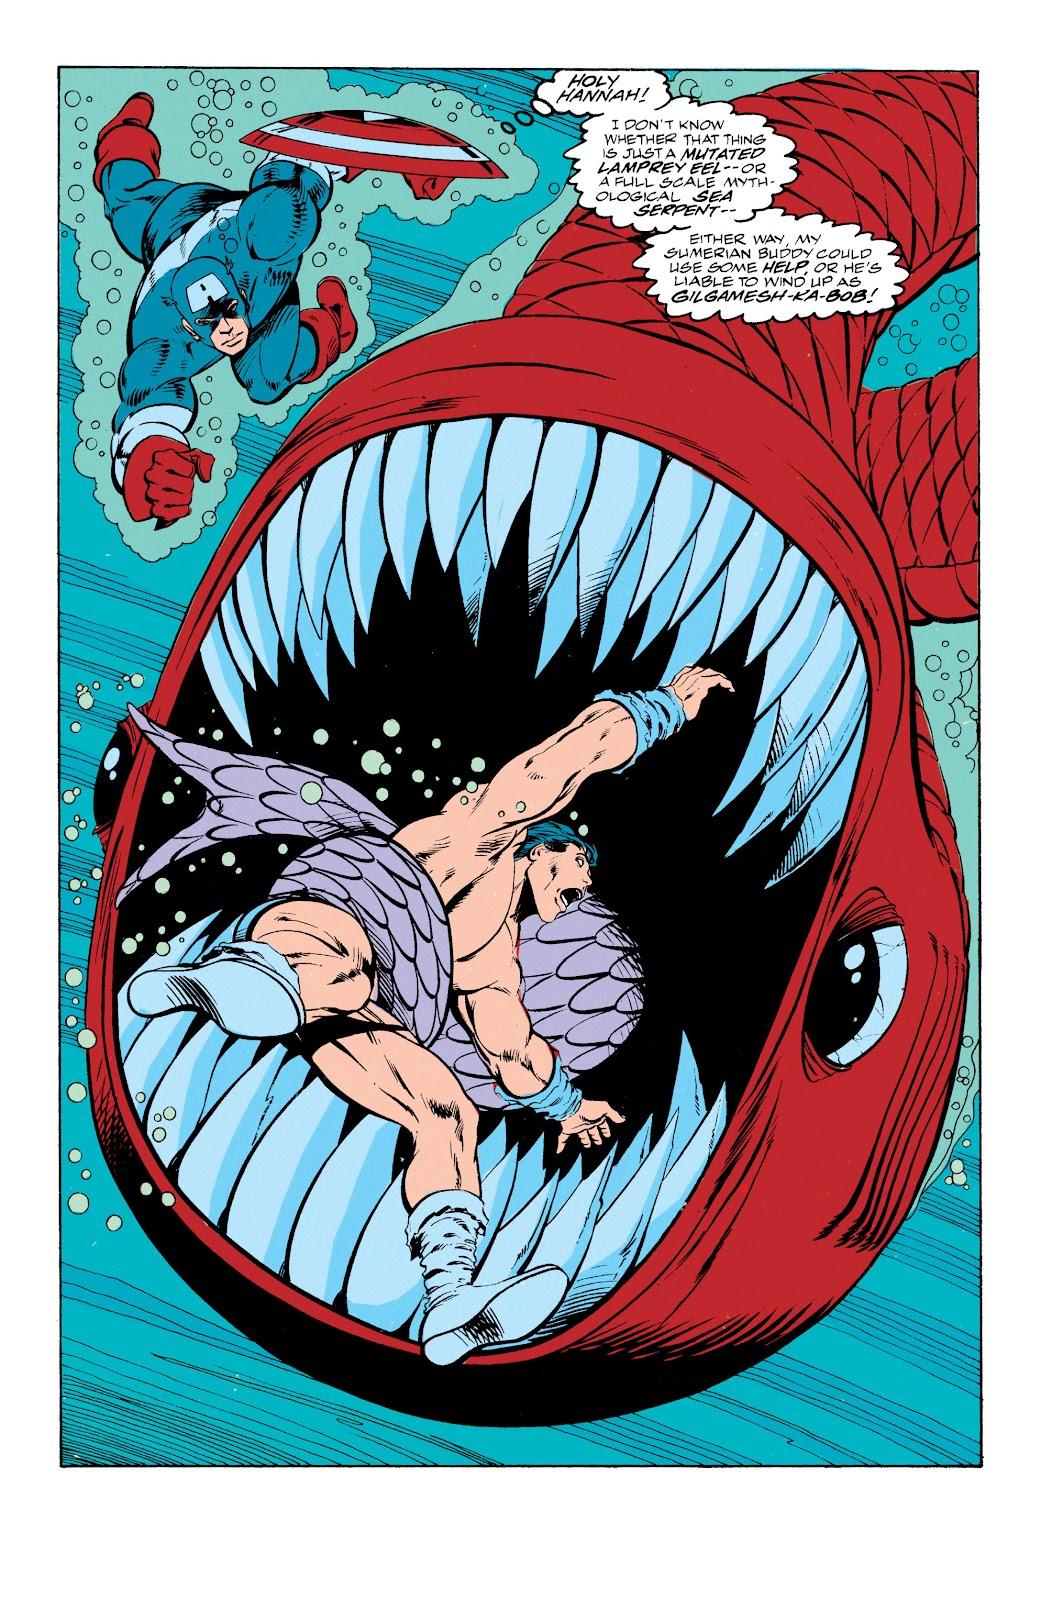 Read online Avengers: Citizen Kang comic -  Issue # TPB (Part 1) - 24